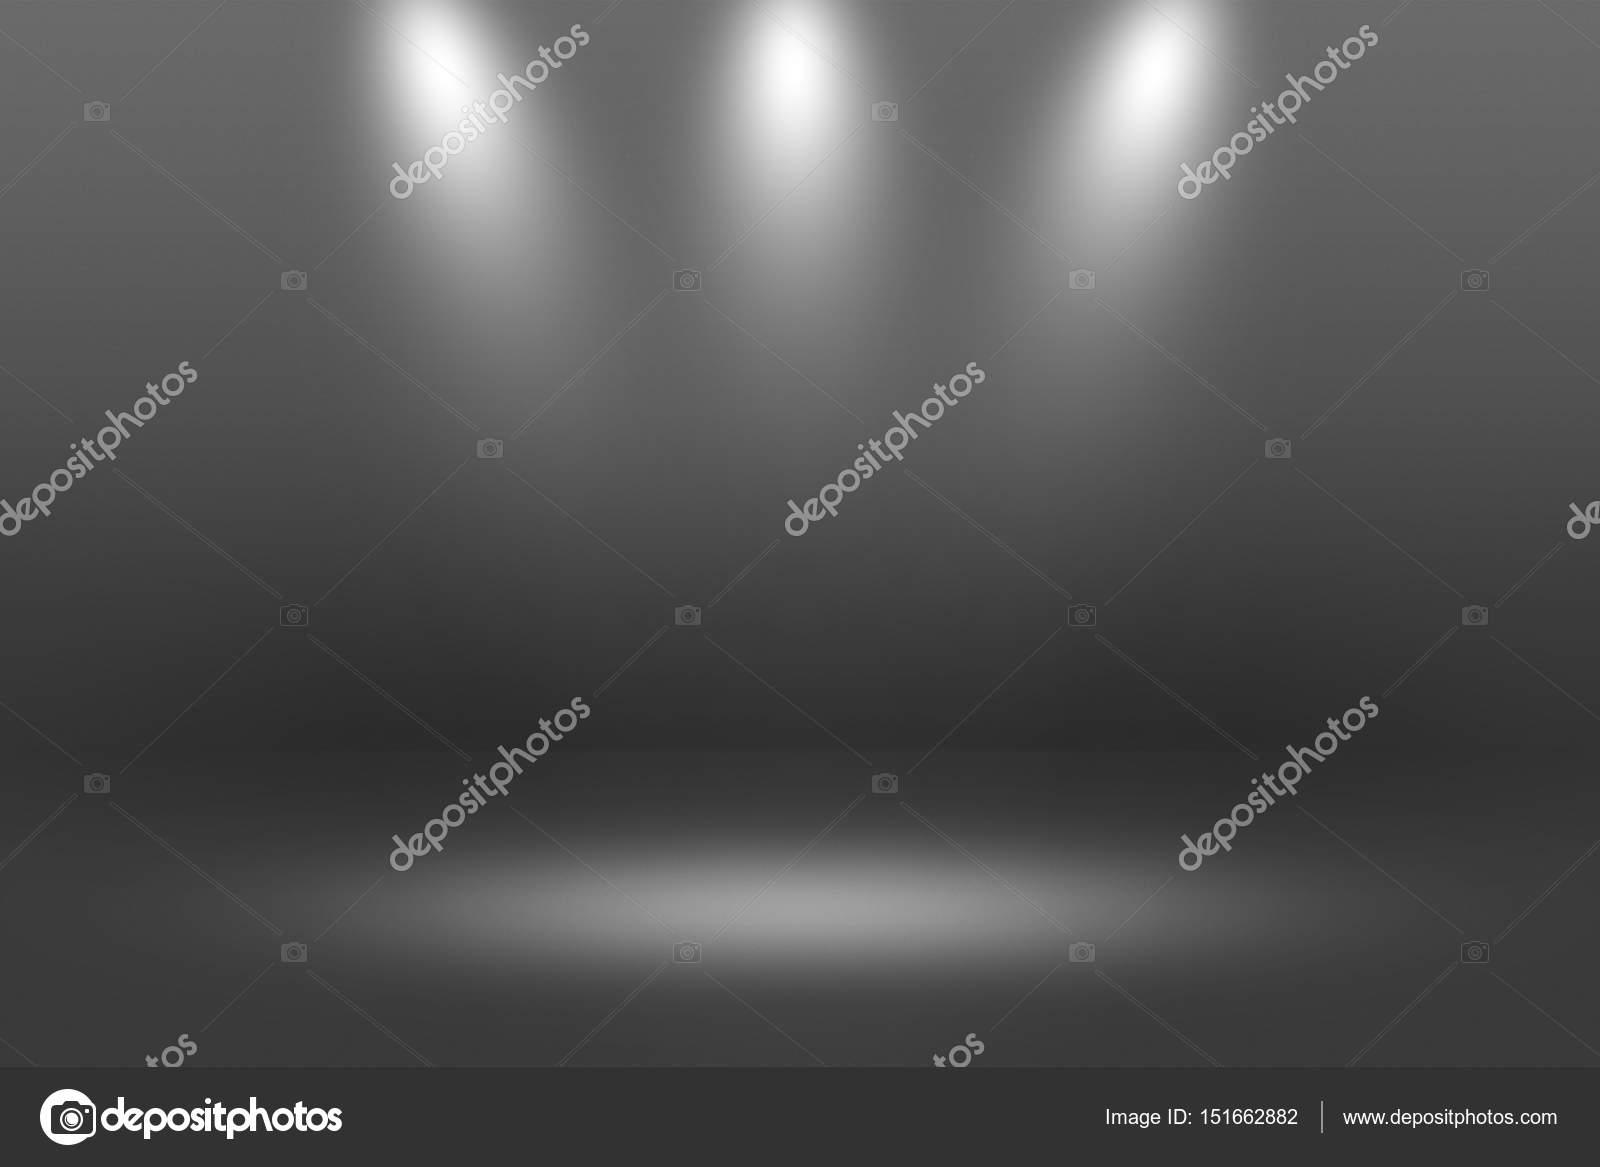 Pavimento Scuro O Chiaro : Prodotto showscase spotlight background pavimento scuro chiaro